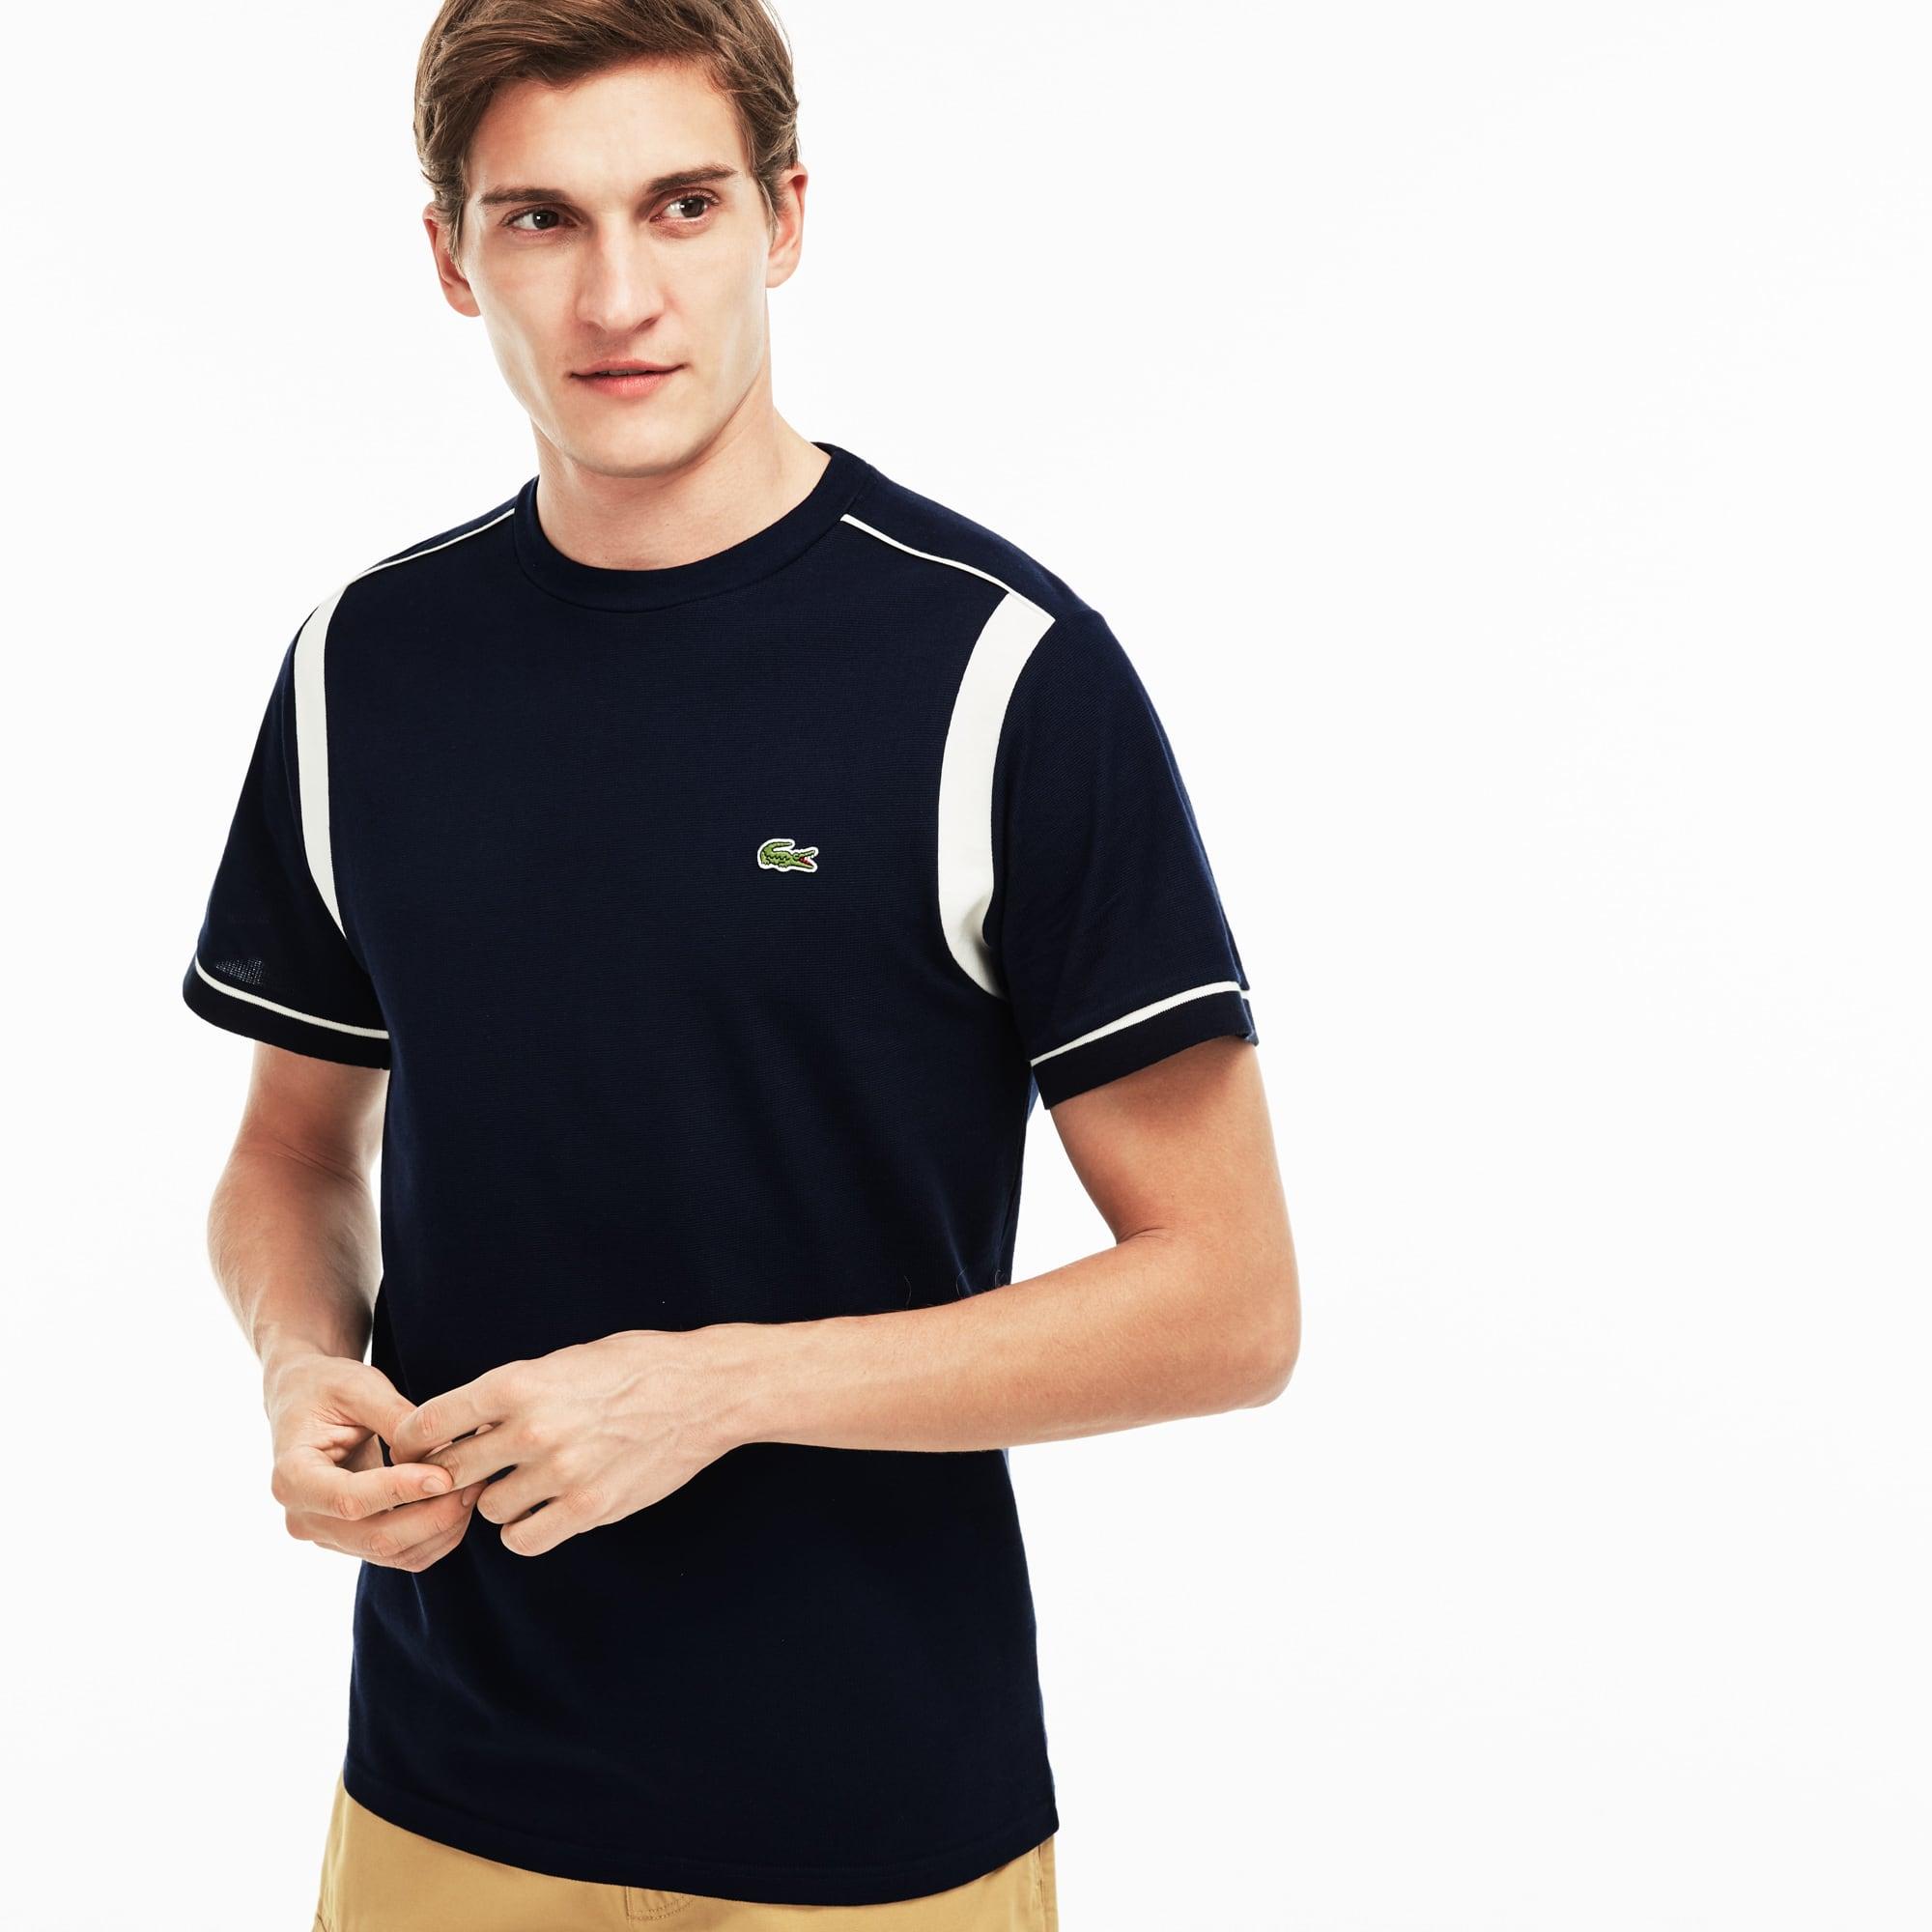 Men s Crew Neck Contrast Bands Cotton Square Knit T-shirt ... 581e7b6f05